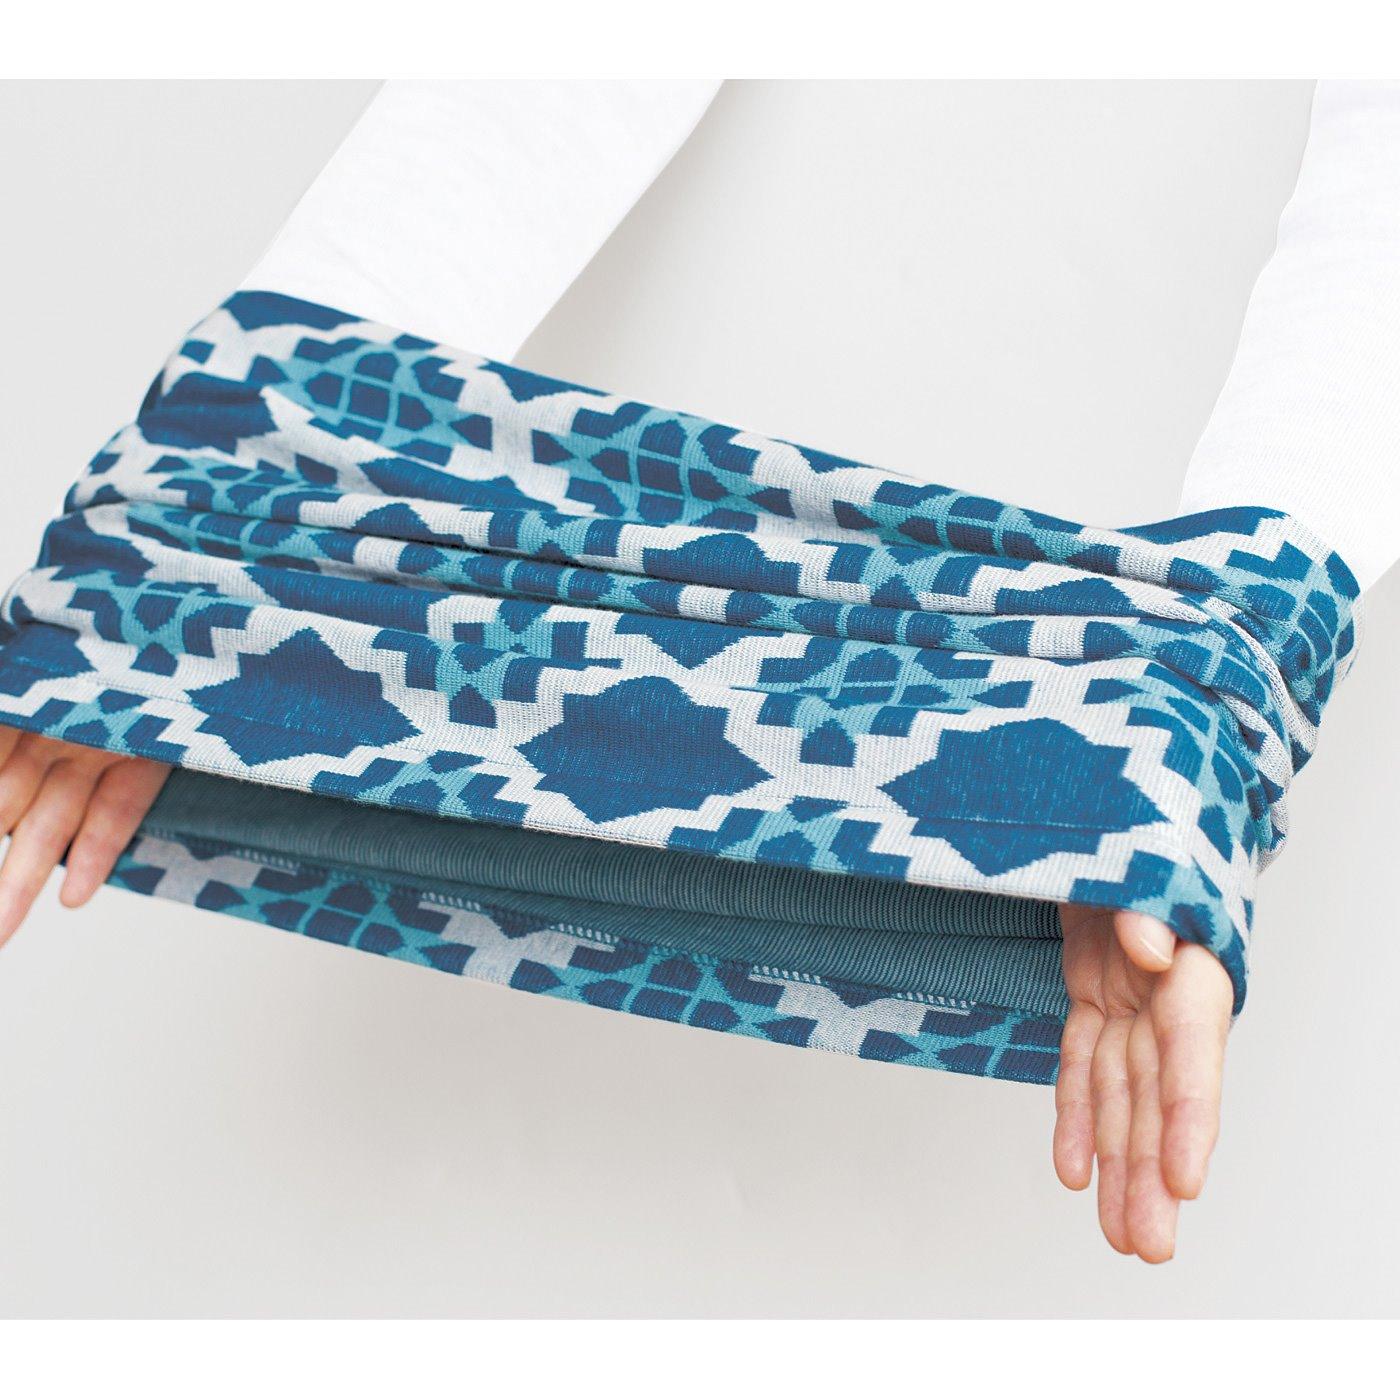 適度に伸縮する、筒状のジャカード織り。